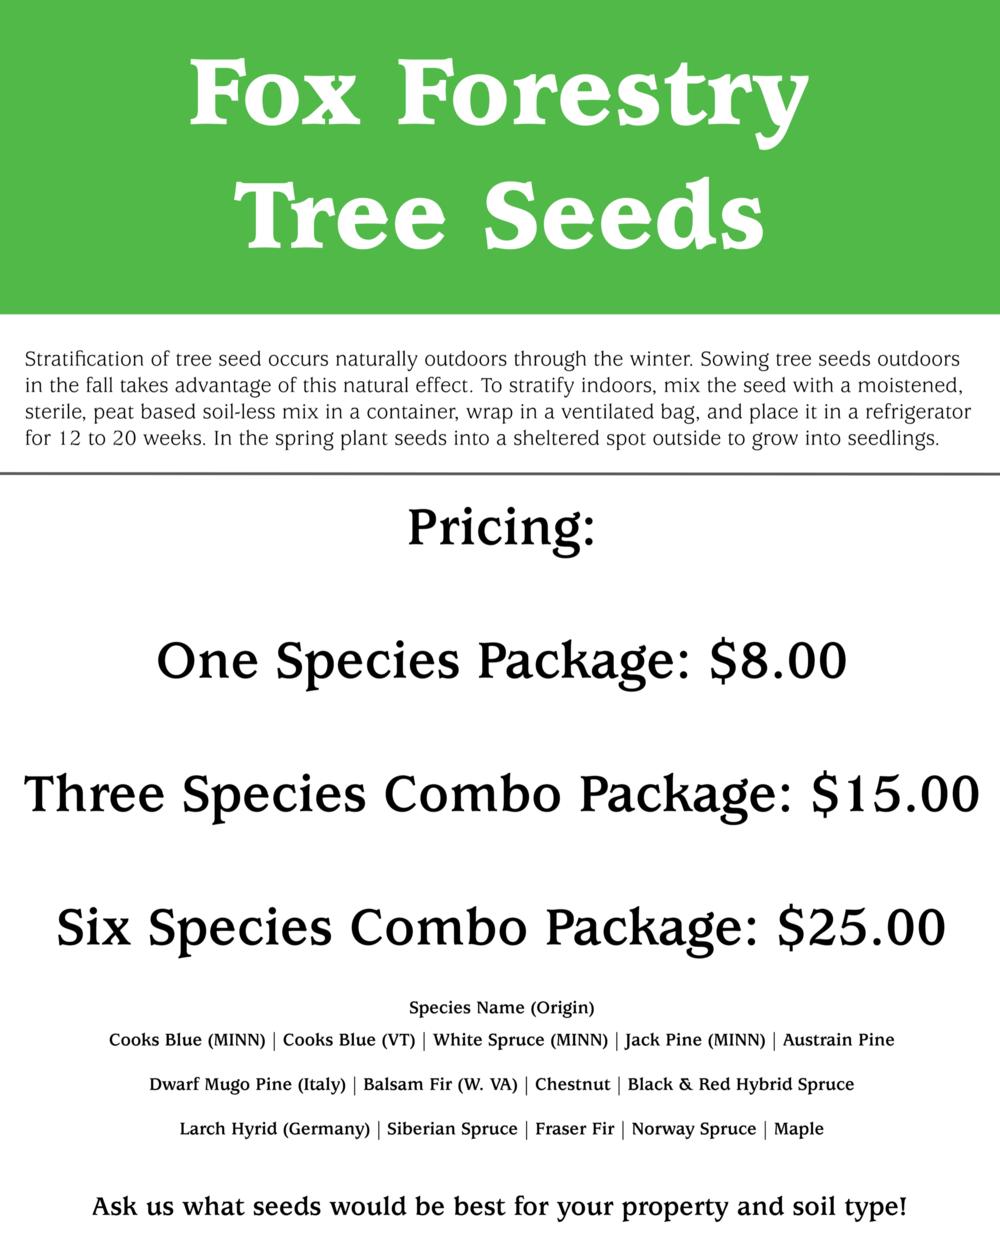 TreeSeedPosterPRINT.png